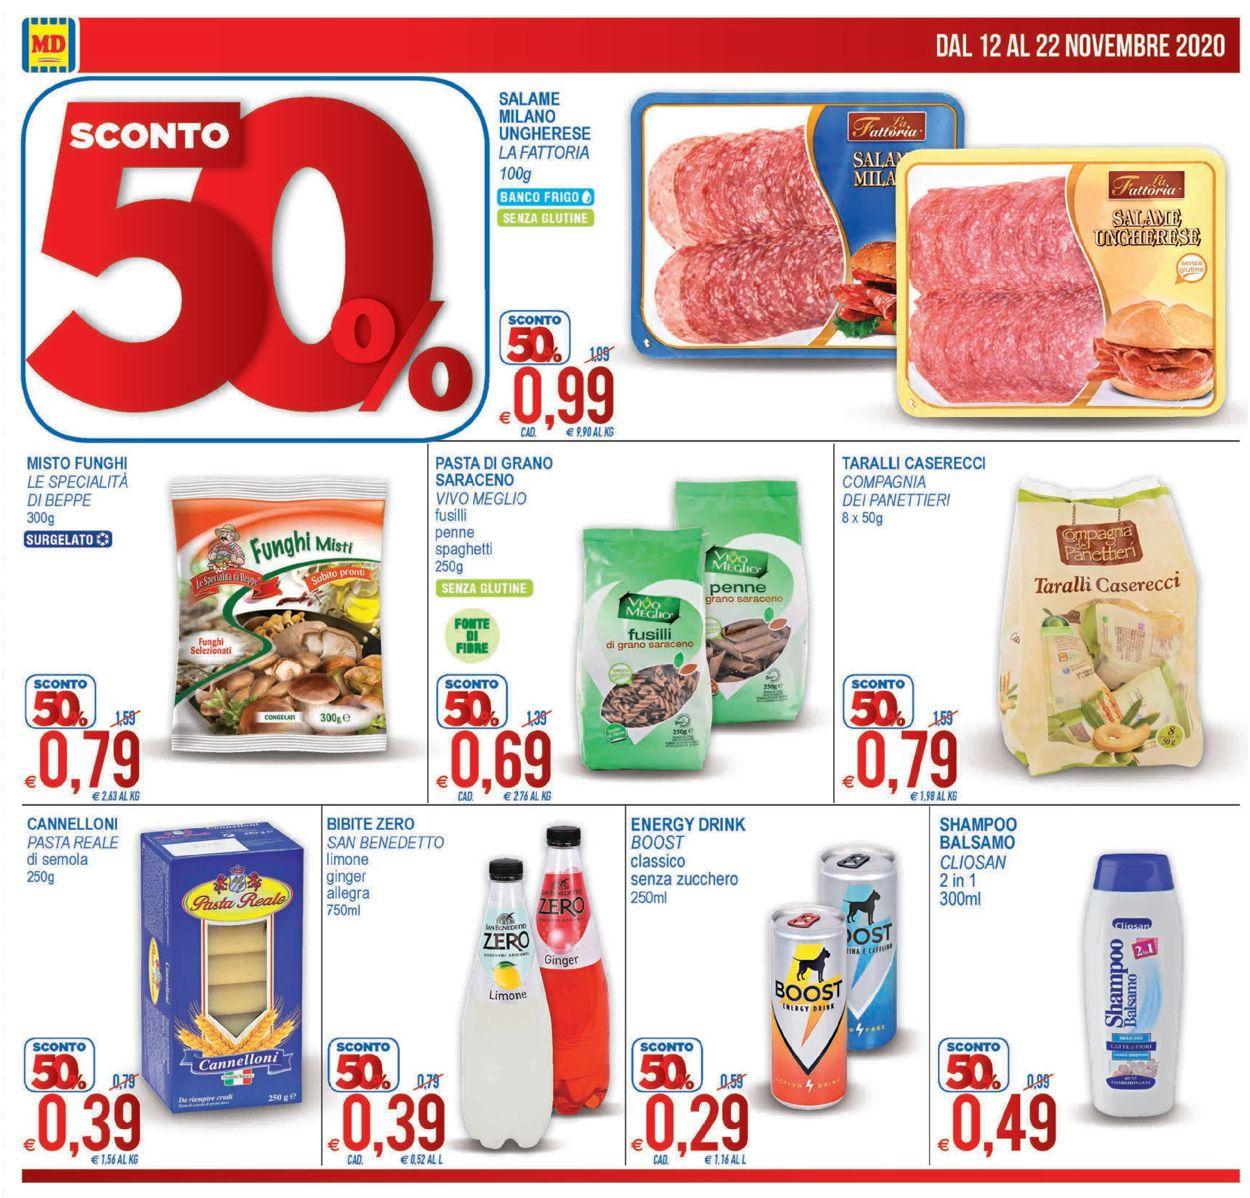 Volantino MD Discount - Offerte 12/11-22/11/2020 (Pagina 4)